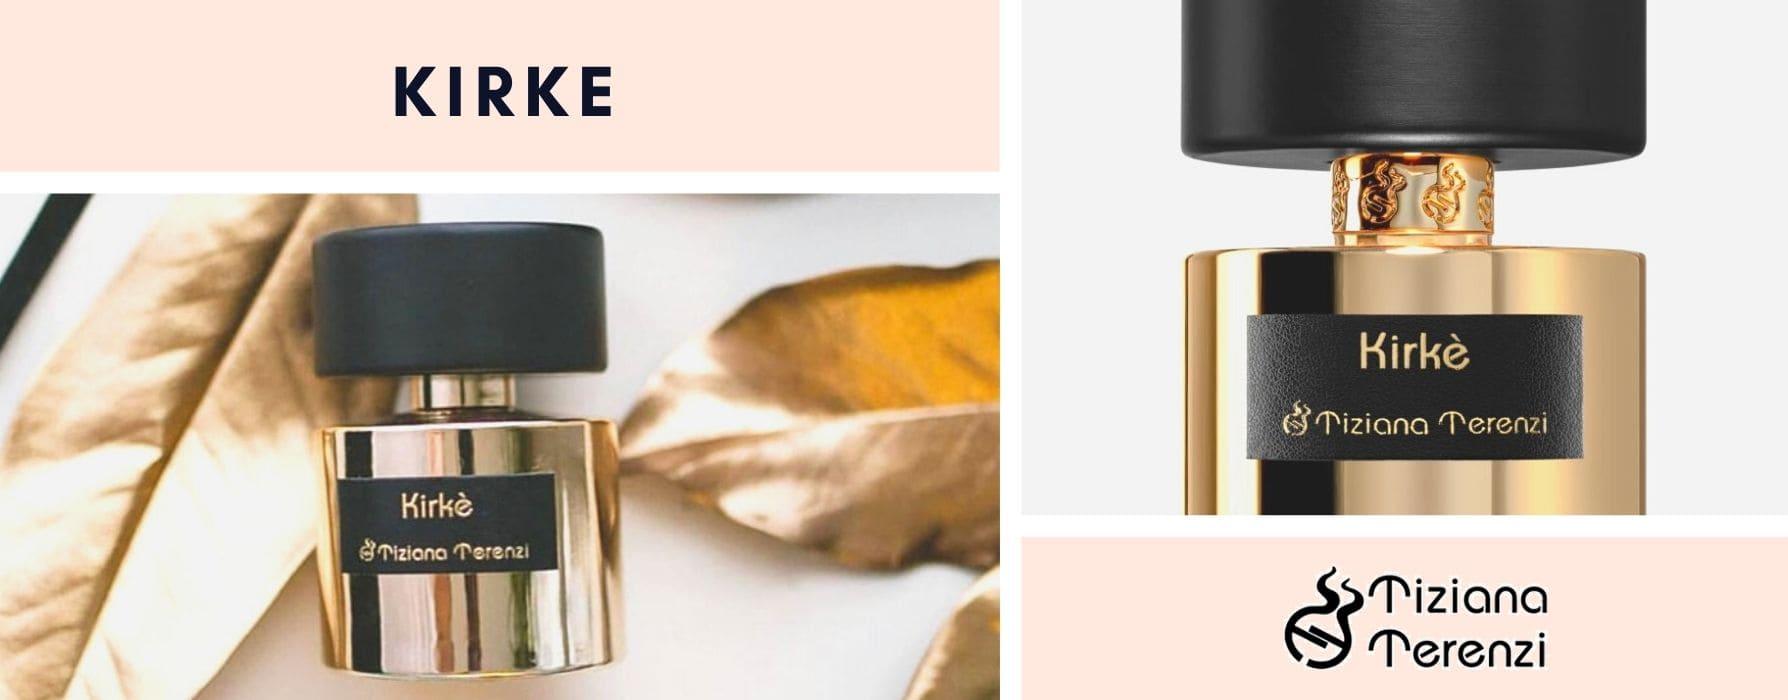 отзывы о парфюме Espriparfume